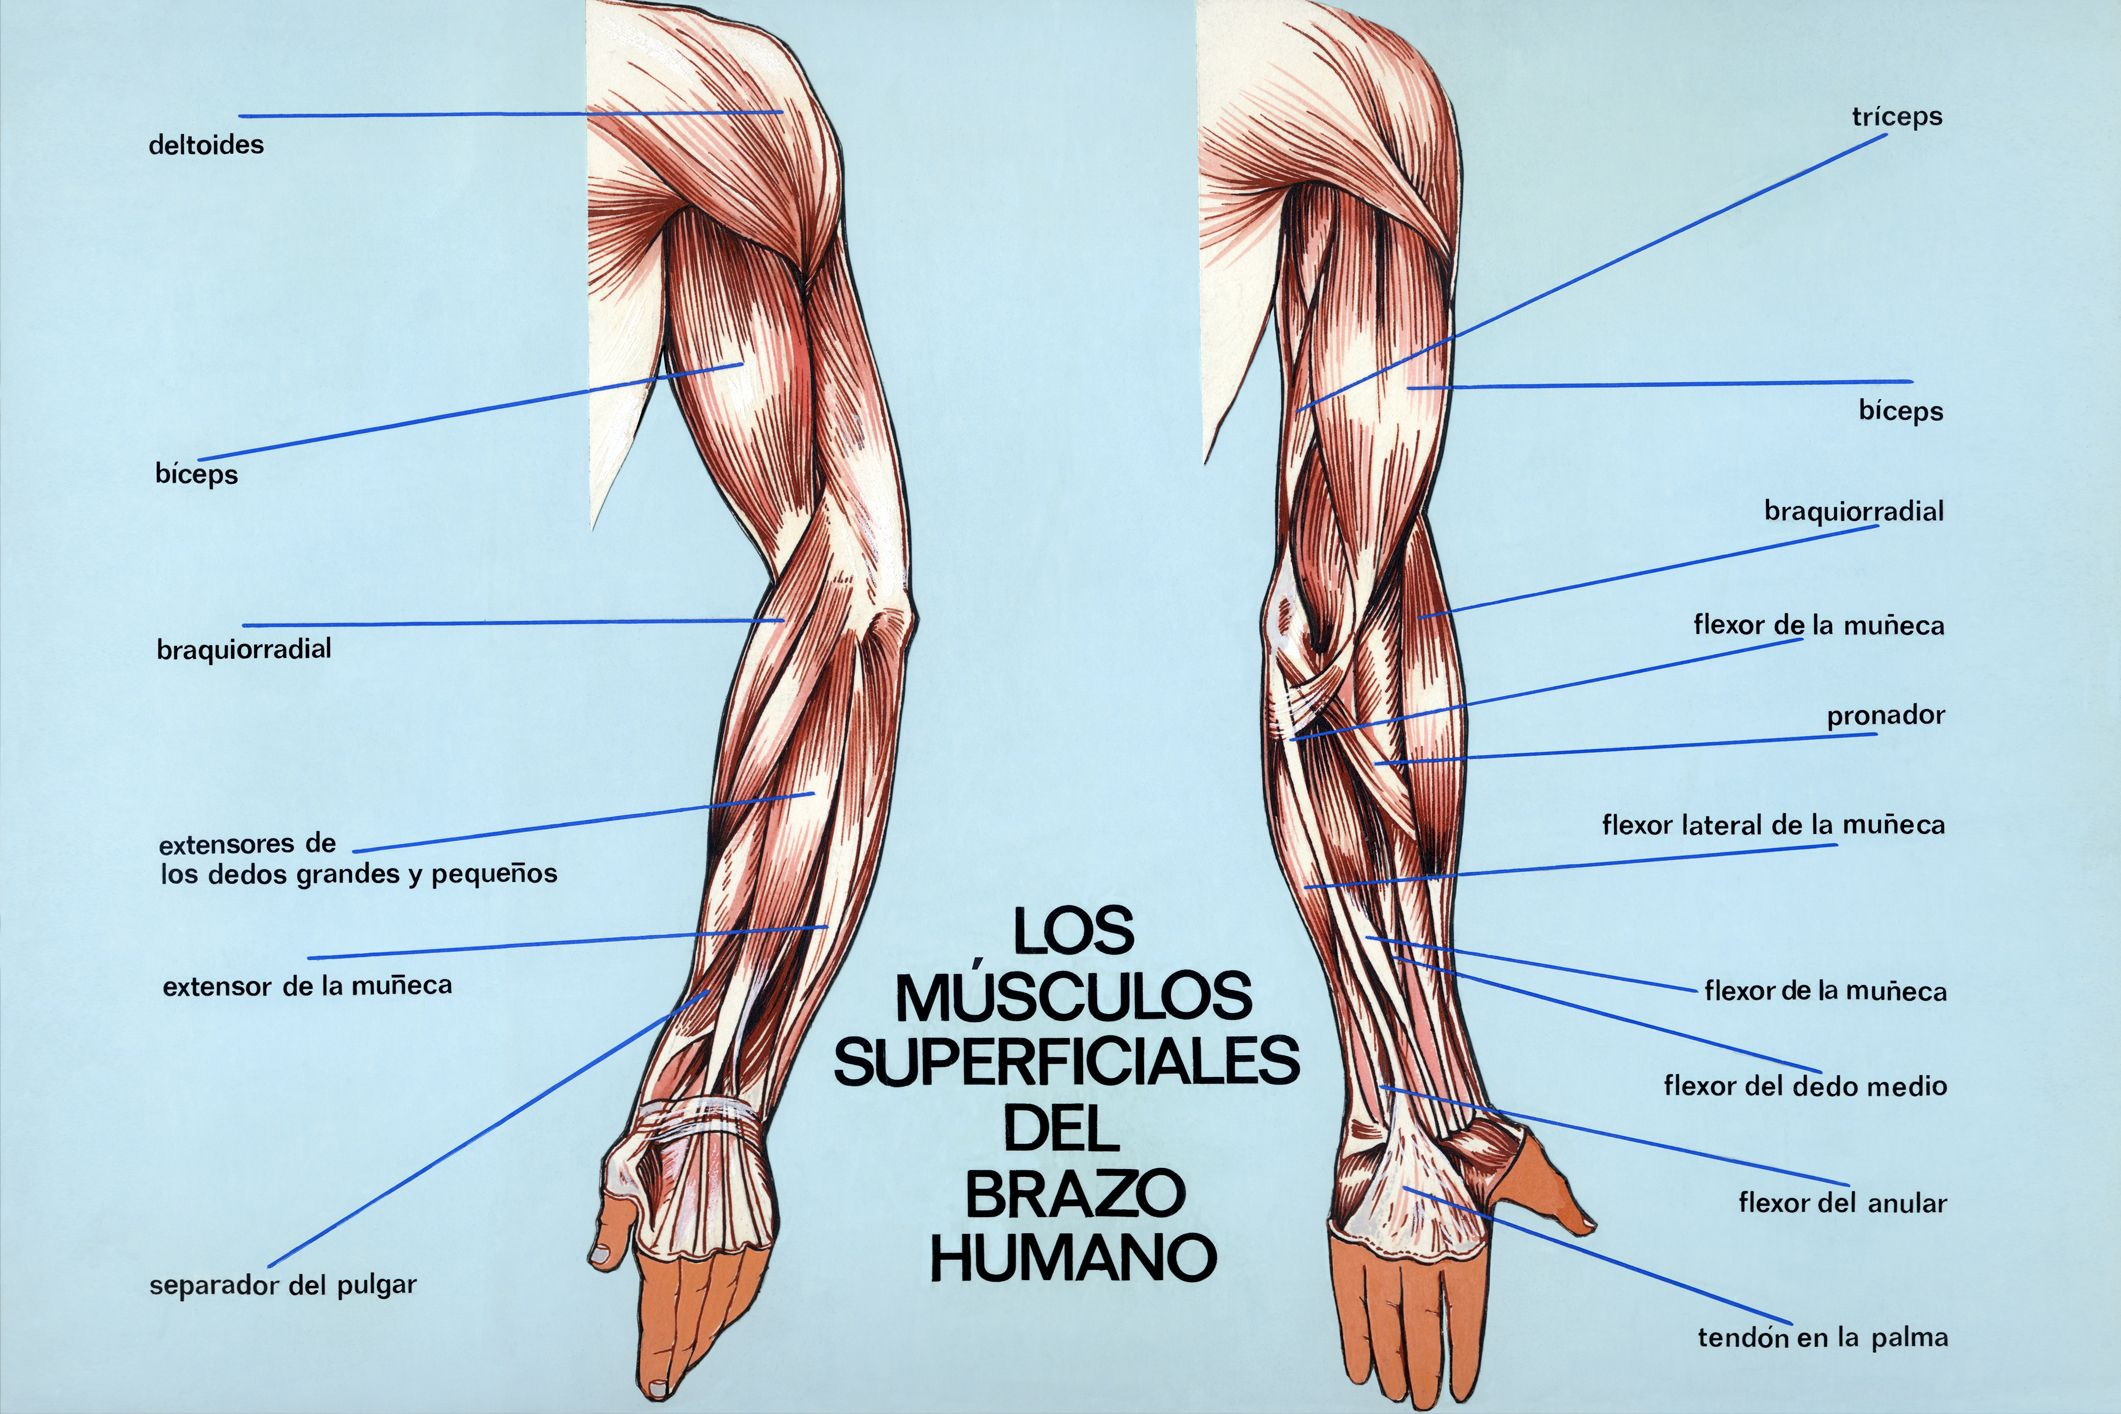 Músculos superficiales del brazo humano | salud | Pinterest